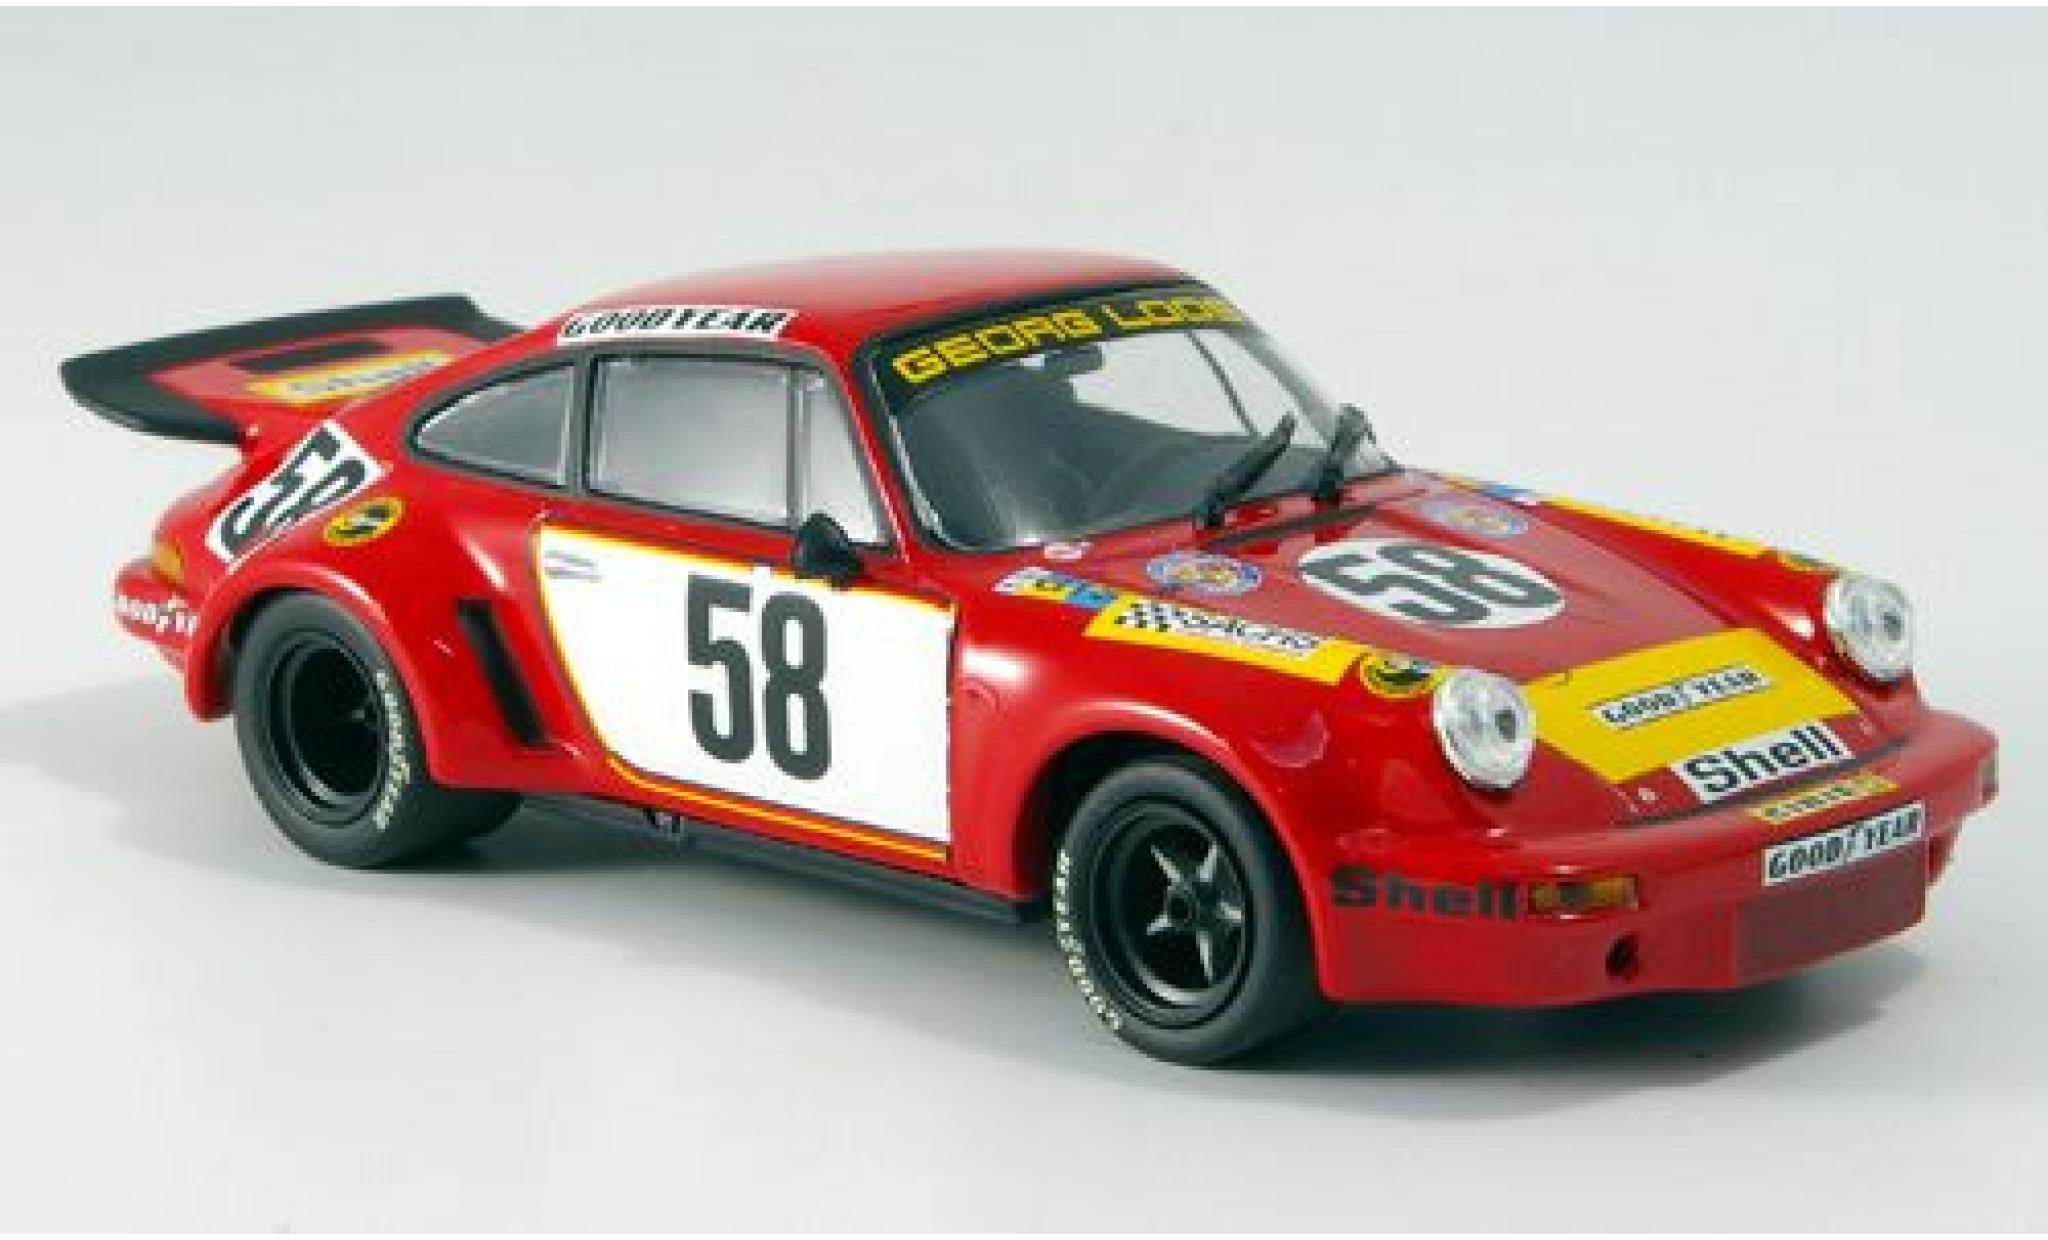 Porsche 911 1/43 Minichamps Carrera RSR 3.0 No.58 Gelo Racing Team 24h Le Mans 1975 J.Fitzpatrick/G.van Lennep/M.Schurti sans Vitrine